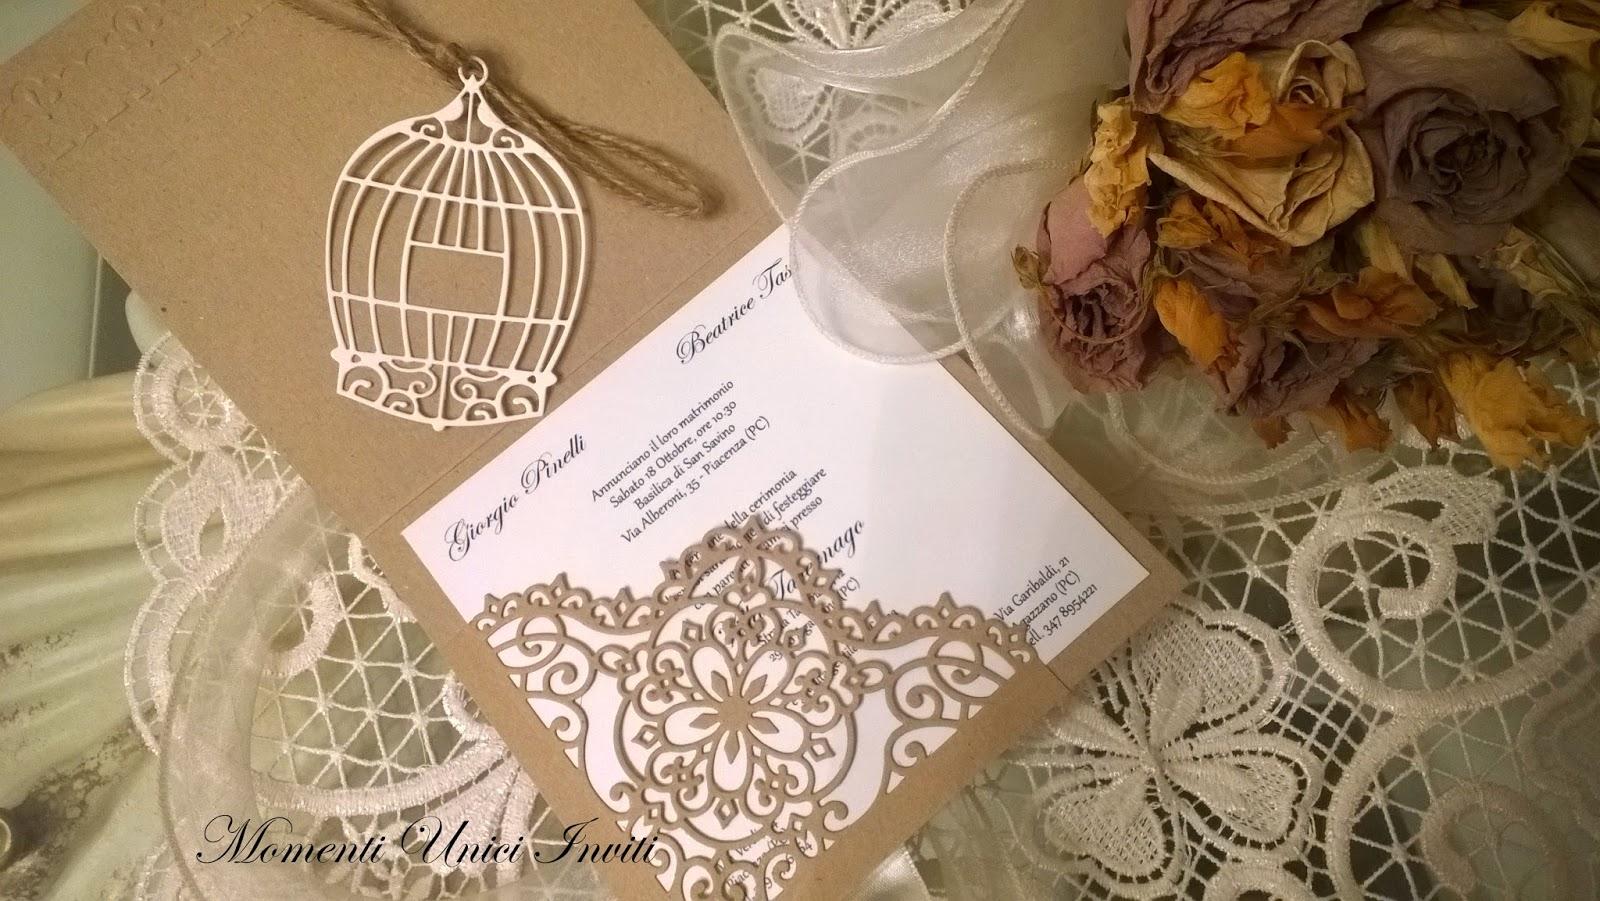 Partecipazioni Matrimonio Country Chic Fai Da Te : Tre modelli di partecipazioni in carta kraft per il tuo matrimonio